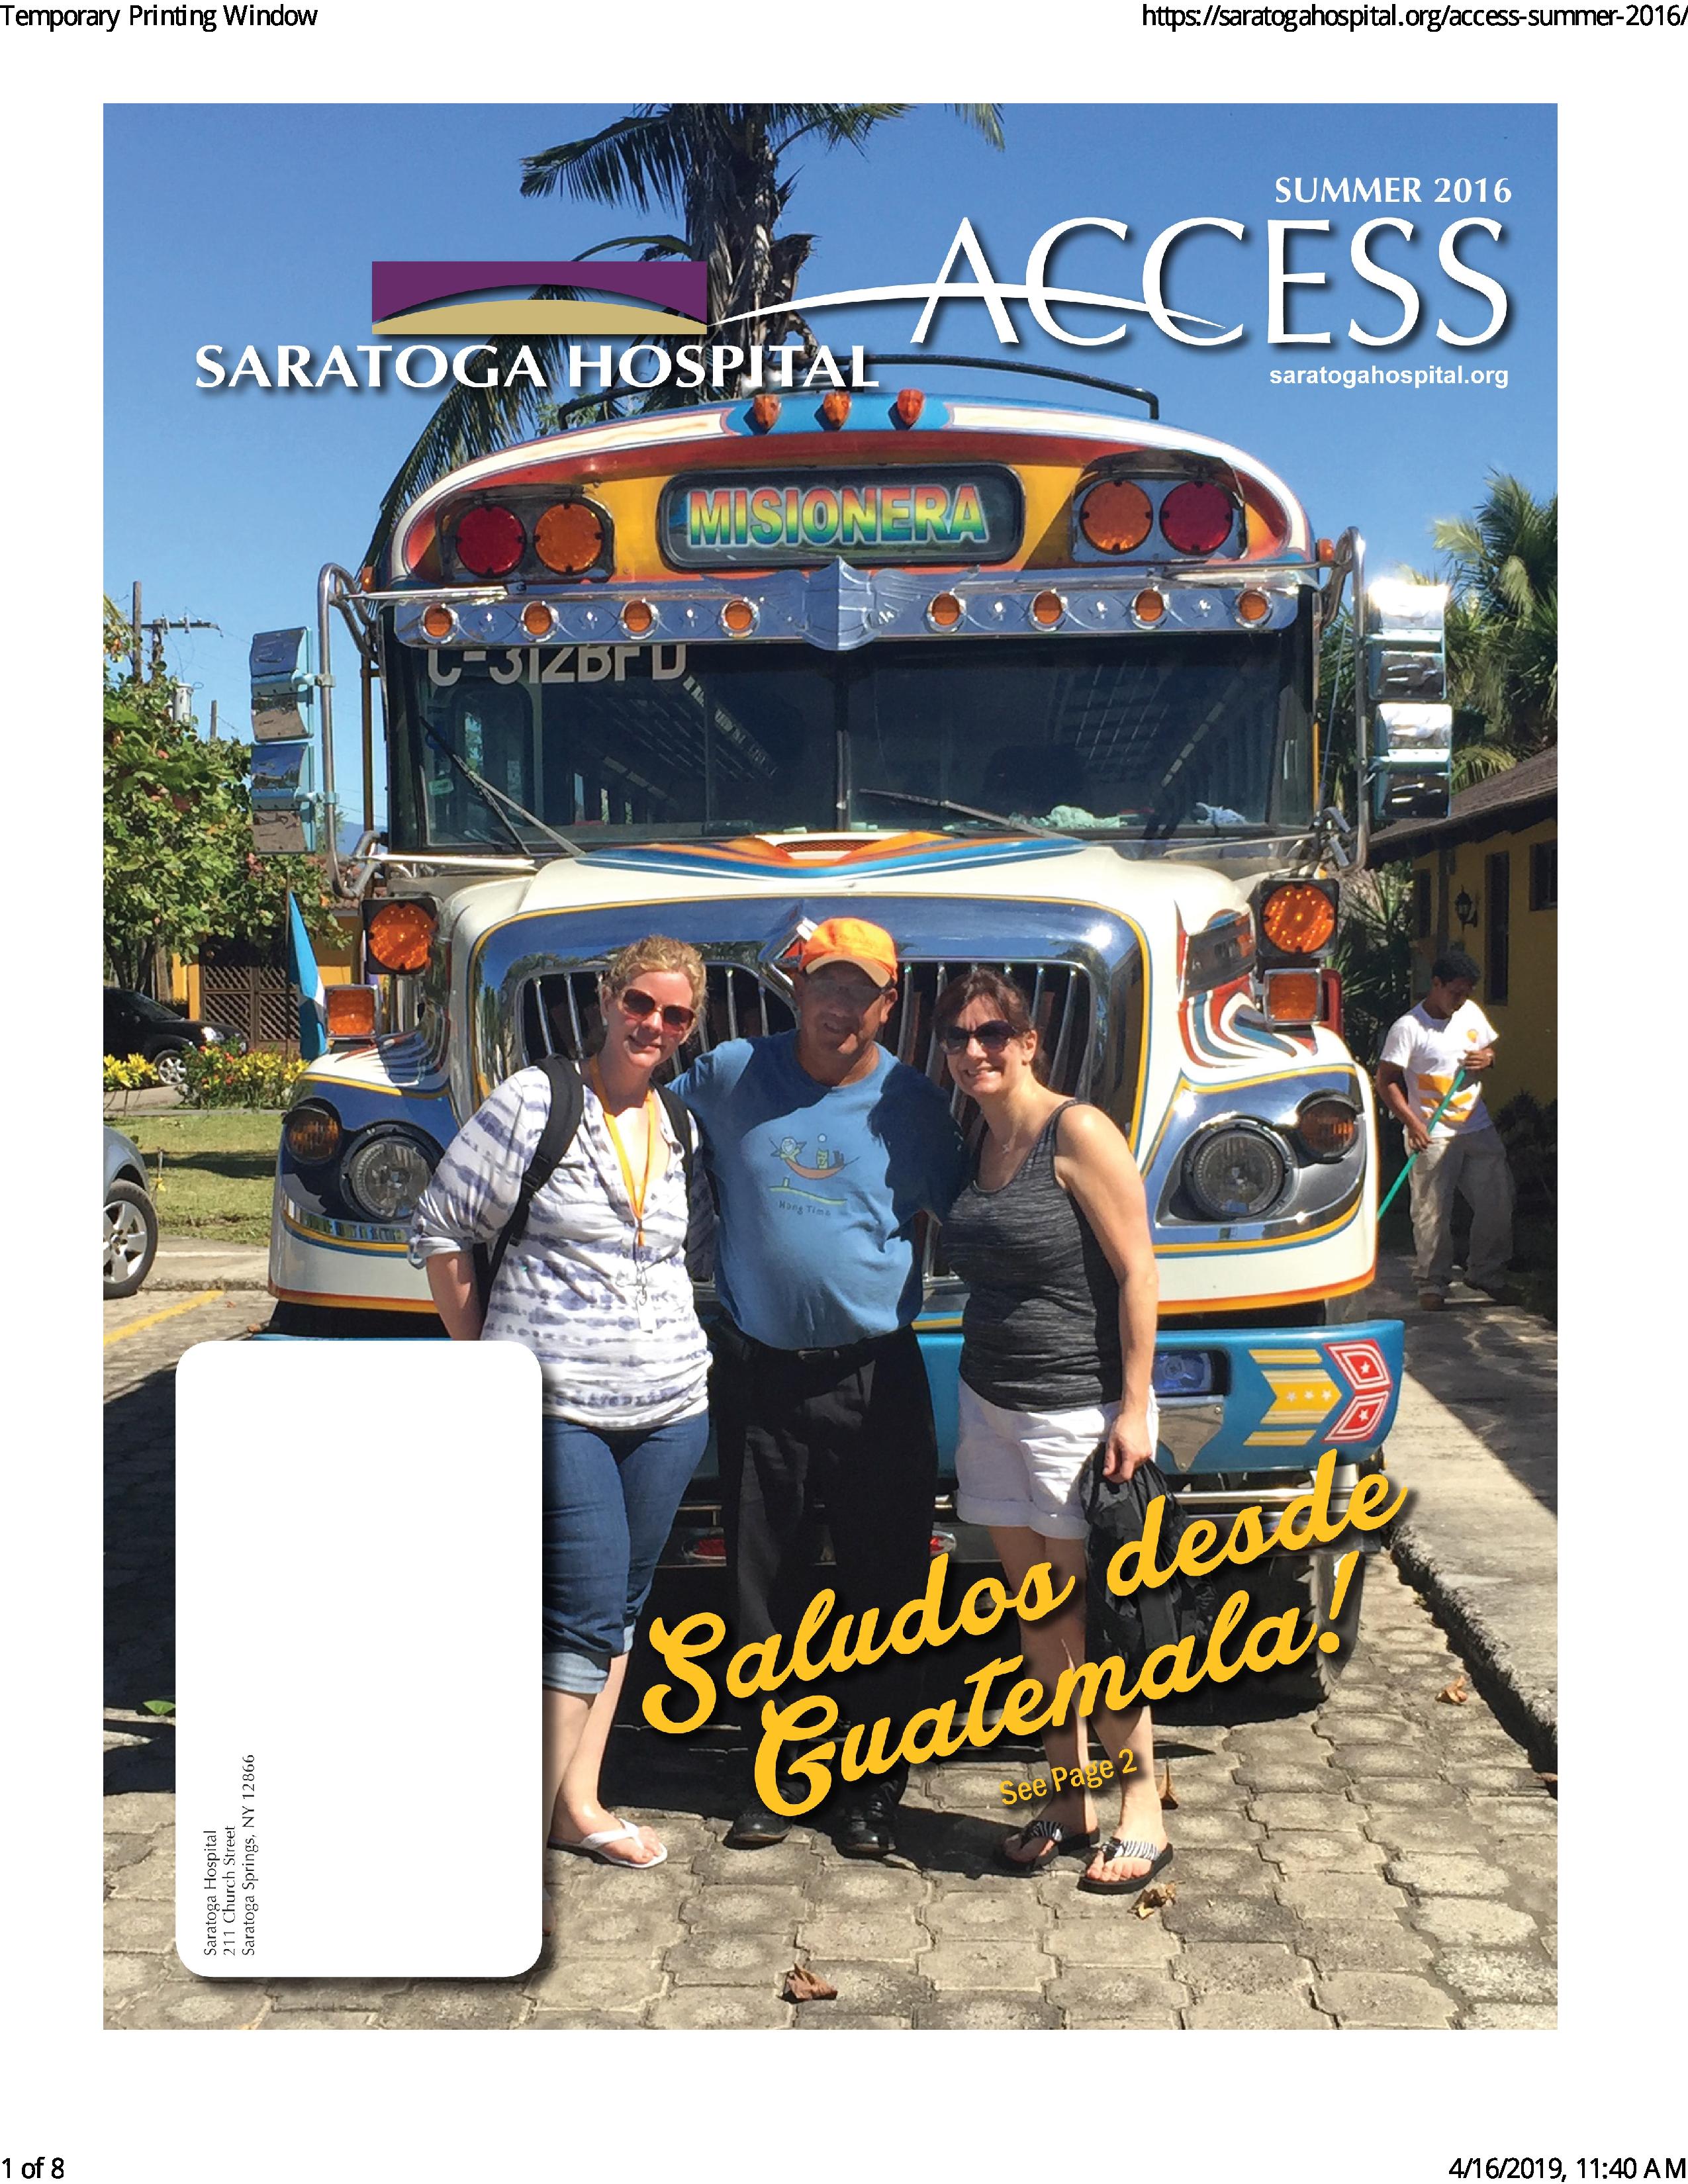 Access Magazine Online Summer 2016